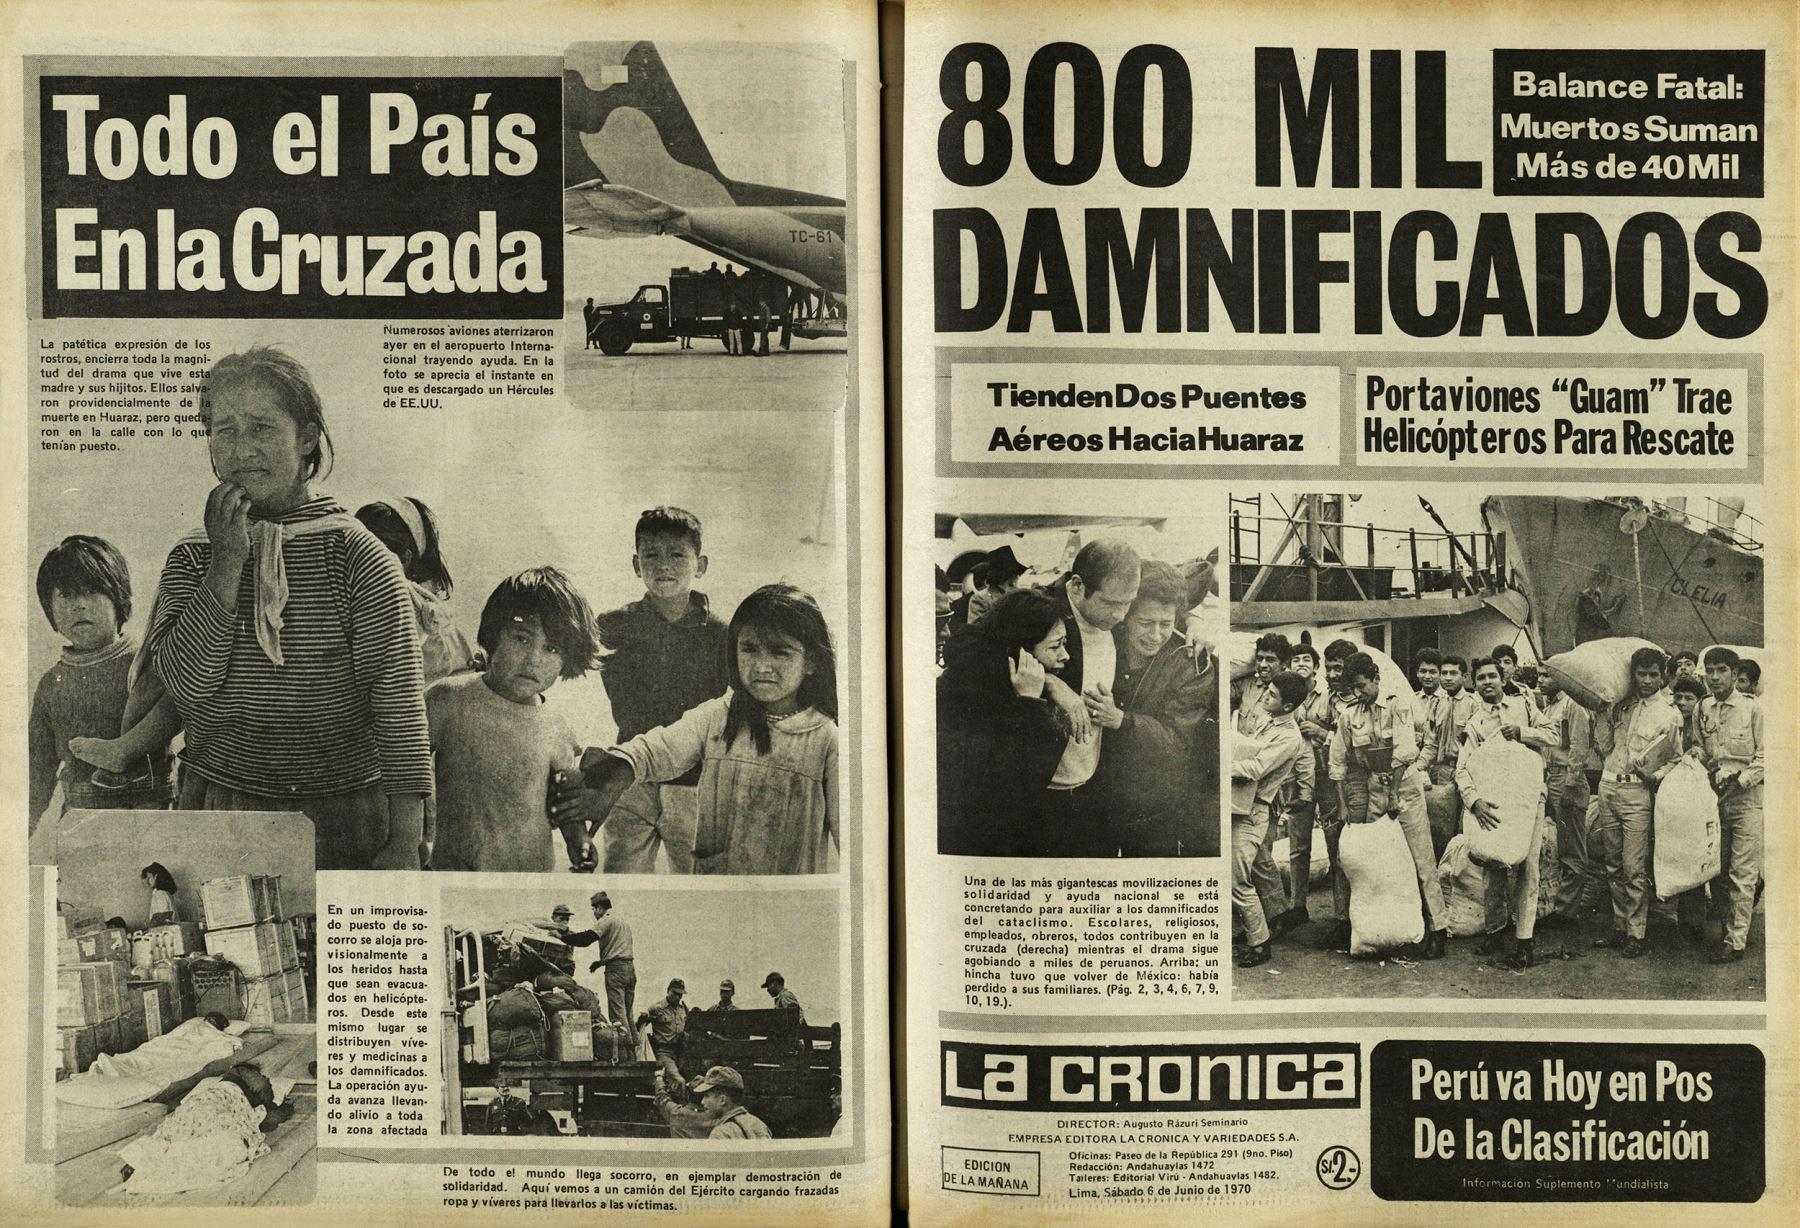 Diario La Crónica del 6 de junio de 1970 con amplia cobertura sobre la cruzada nacional por las víctimas del terremoto que devastó Yungay y otras ciudades del norte del país. Archivo Histórico de El Peruano